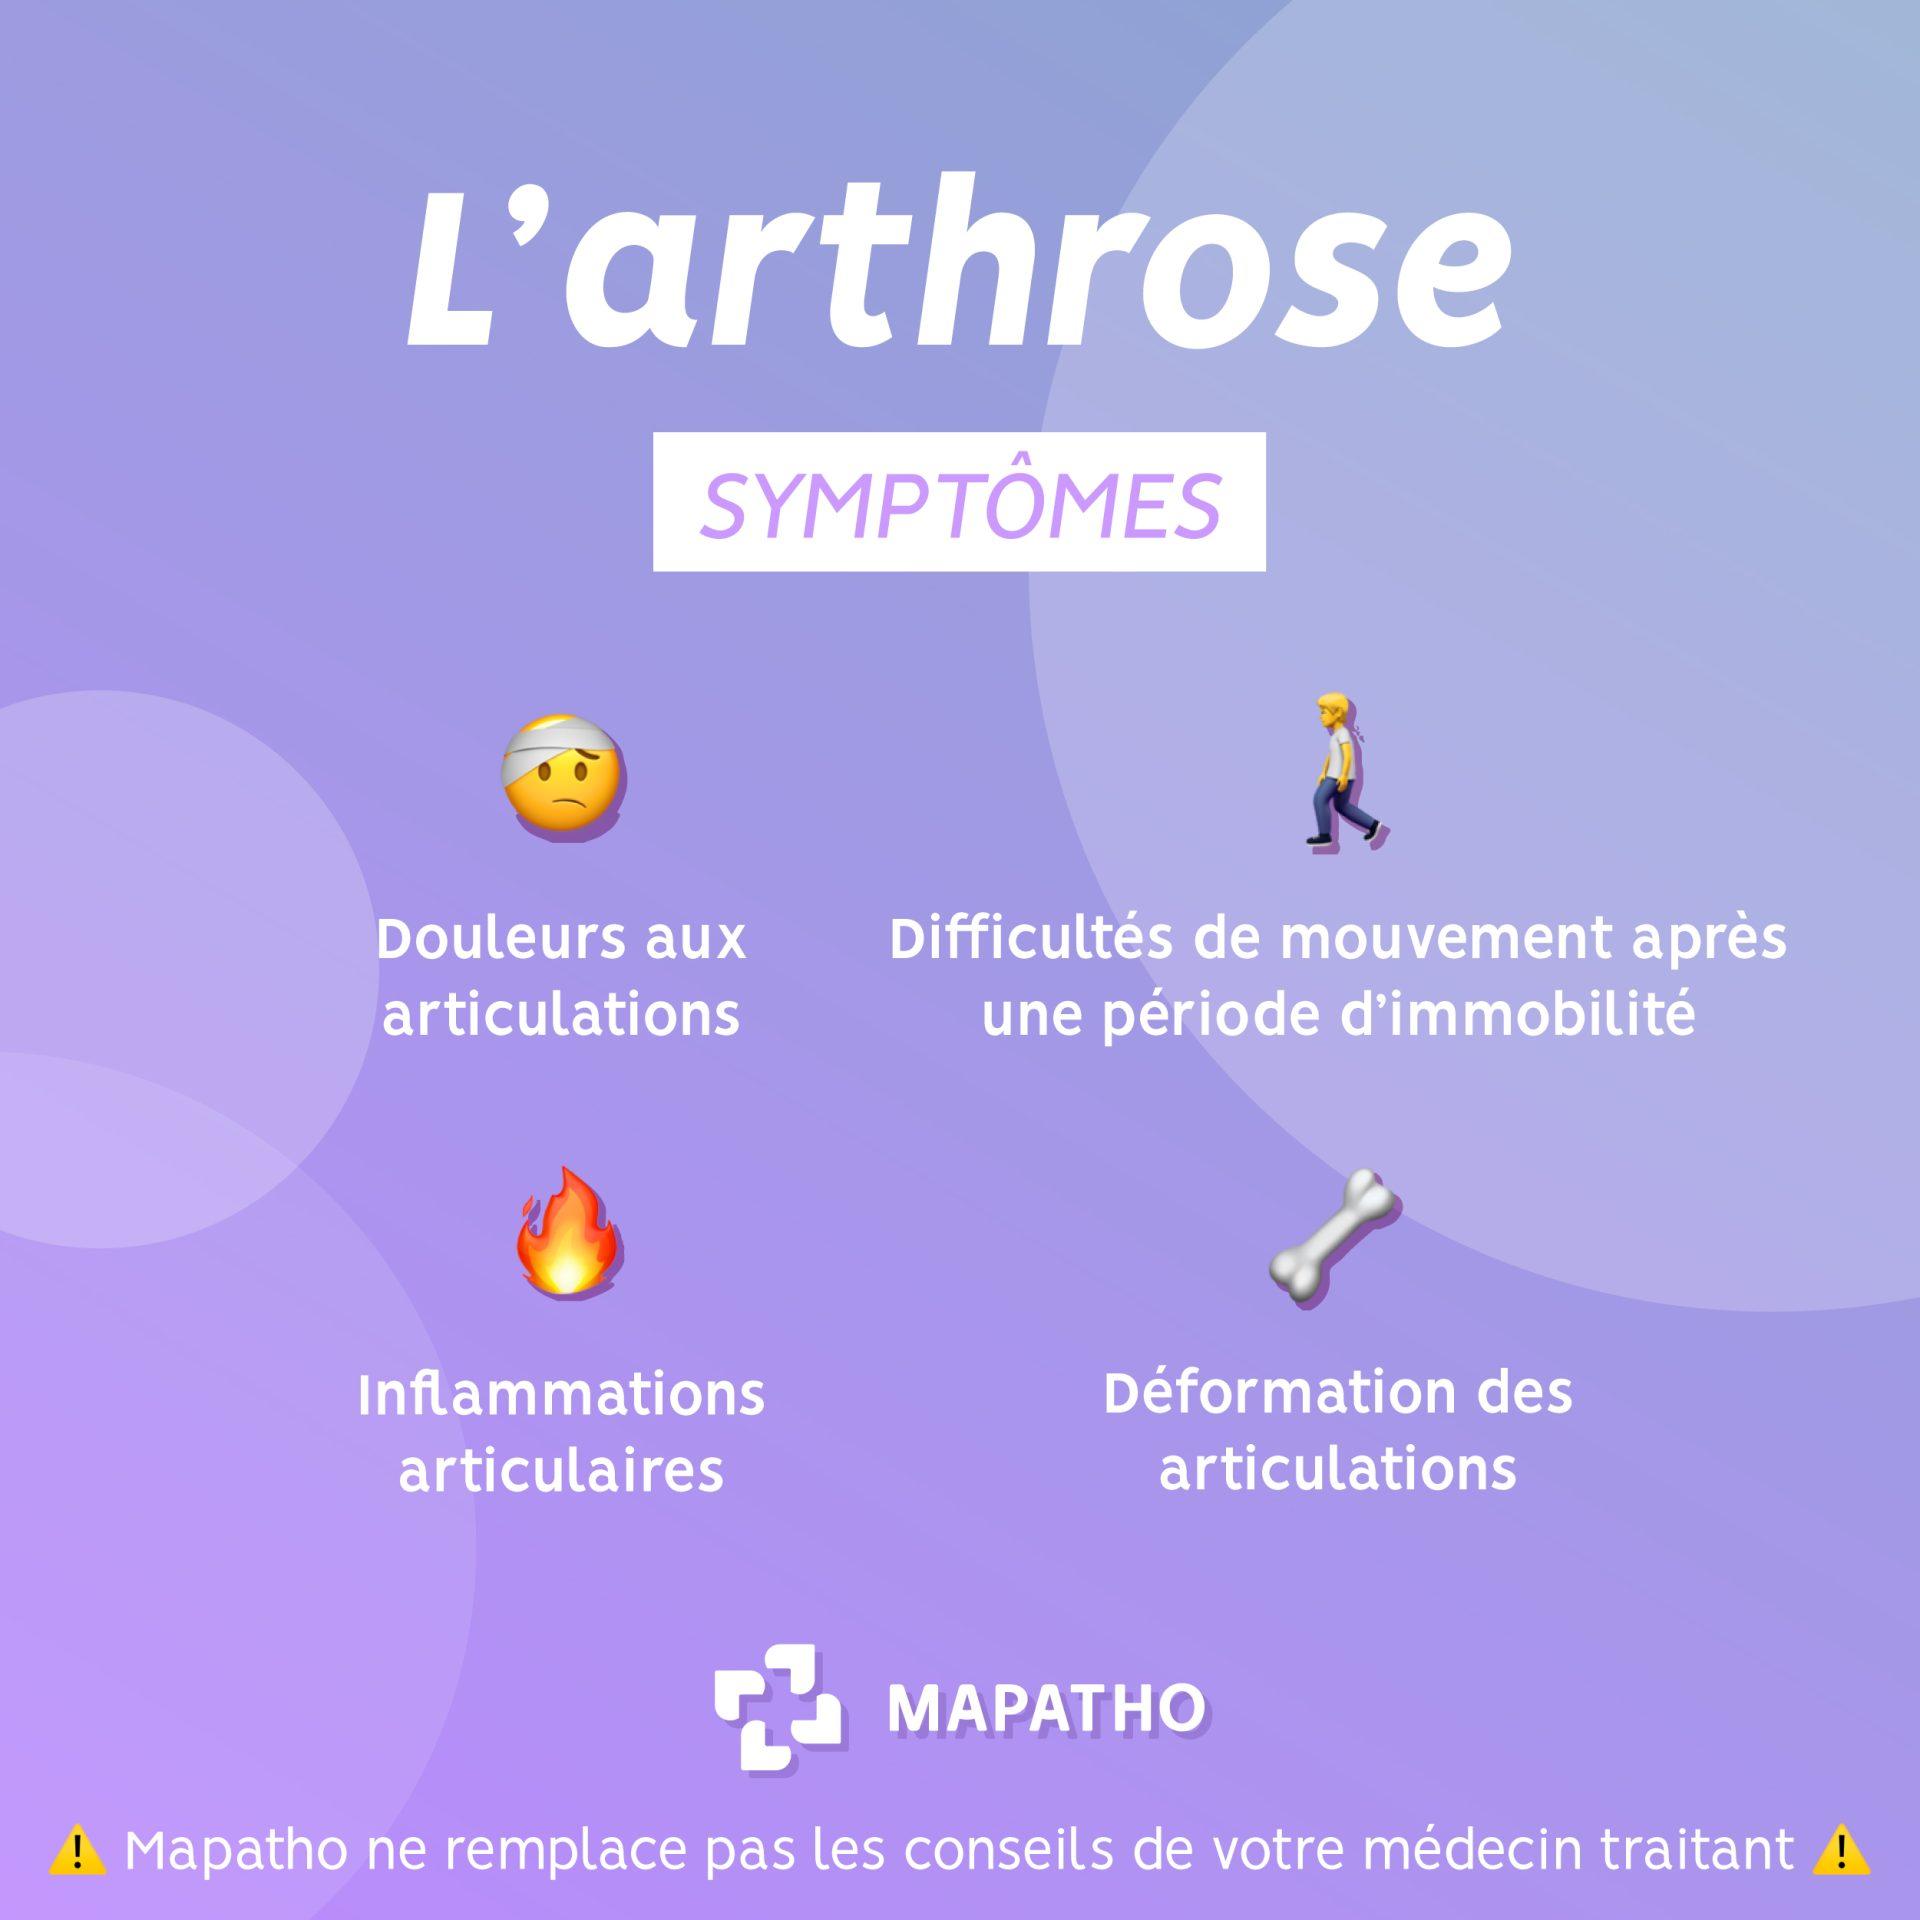 Les symptomes de l'arthrose